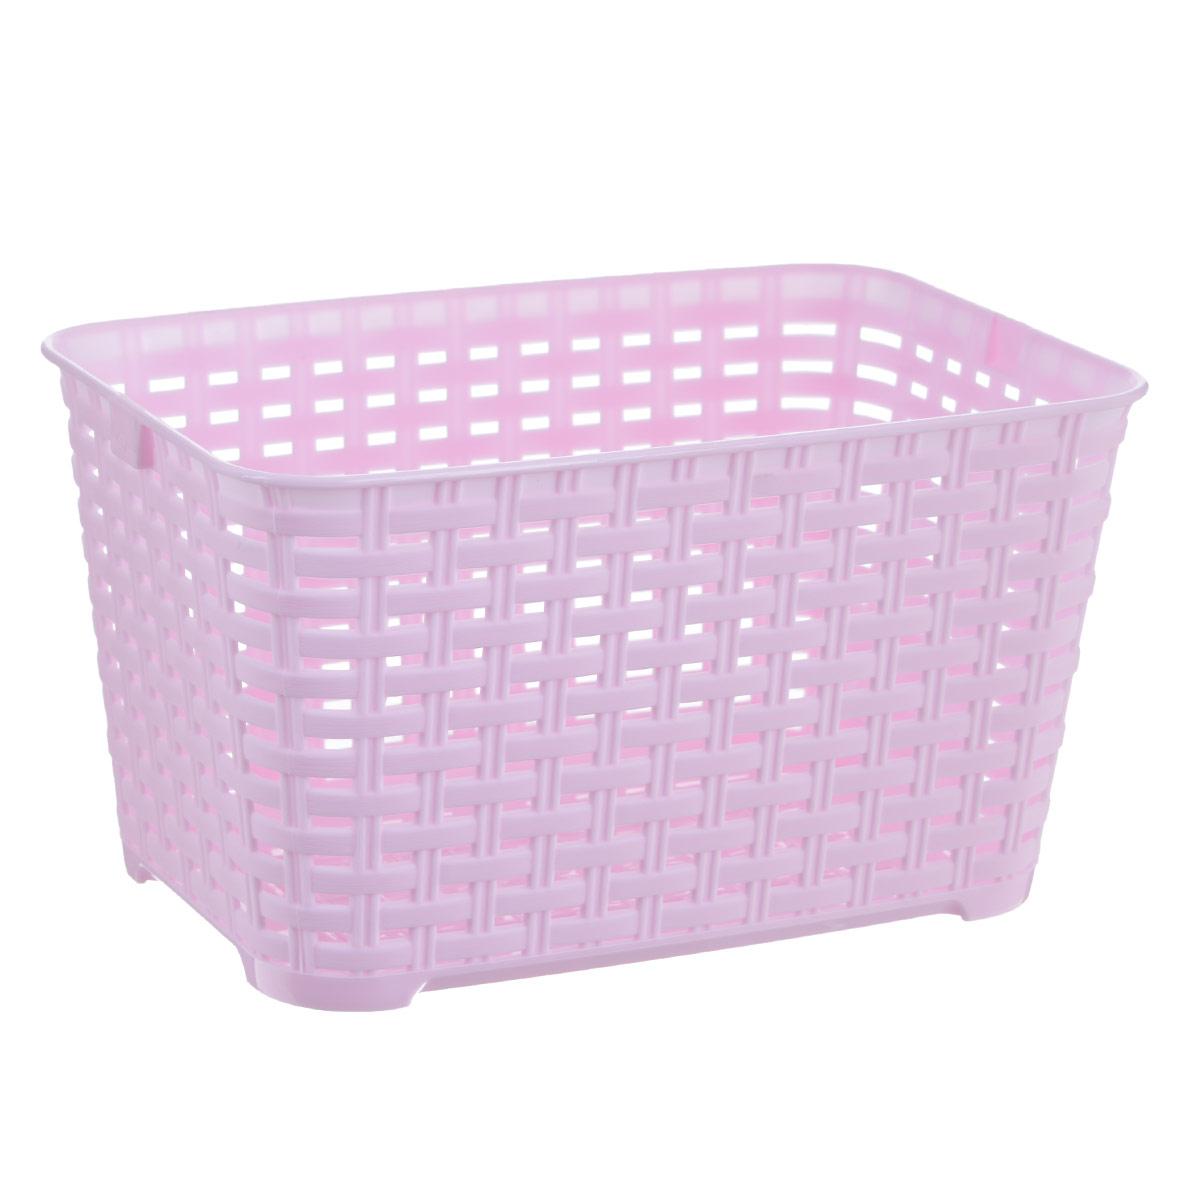 Корзина Альтернатива Плетенка, цвет: розовый, 3 л - АльтернативаМ4560Прямоугольная корзина Плетенка изготовлена из высококачественного пластика и декорирована перфорацией. Она предназначена для хранения различных мелочей дома или на даче. Позволяет хранить мелкие вещи, исключая возможность их потери. Корзина очень вместительная. Элегантный выдержанный дизайн позволяет органично вписаться в ваш интерьер и стать его элементом.